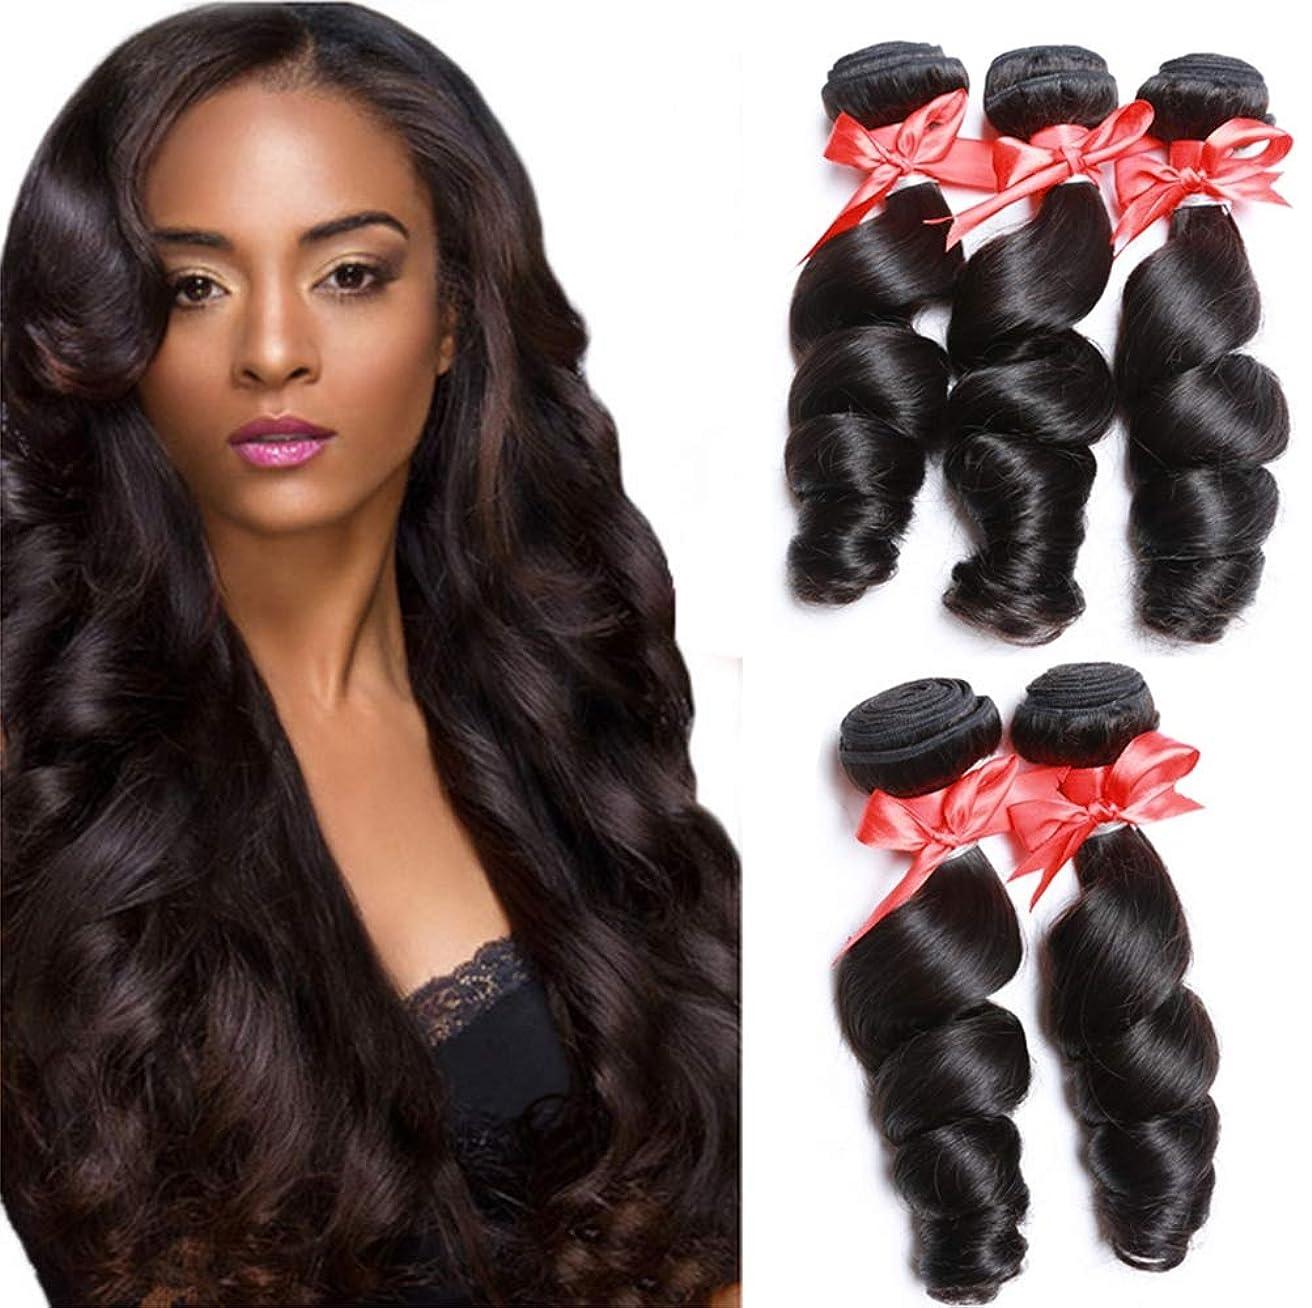 豚好きである呼びかける女性髪織り未処理8aブラジルバージン人間の髪緩い織り1バンドルヘアエクステンション閉鎖100グラム/バンドル